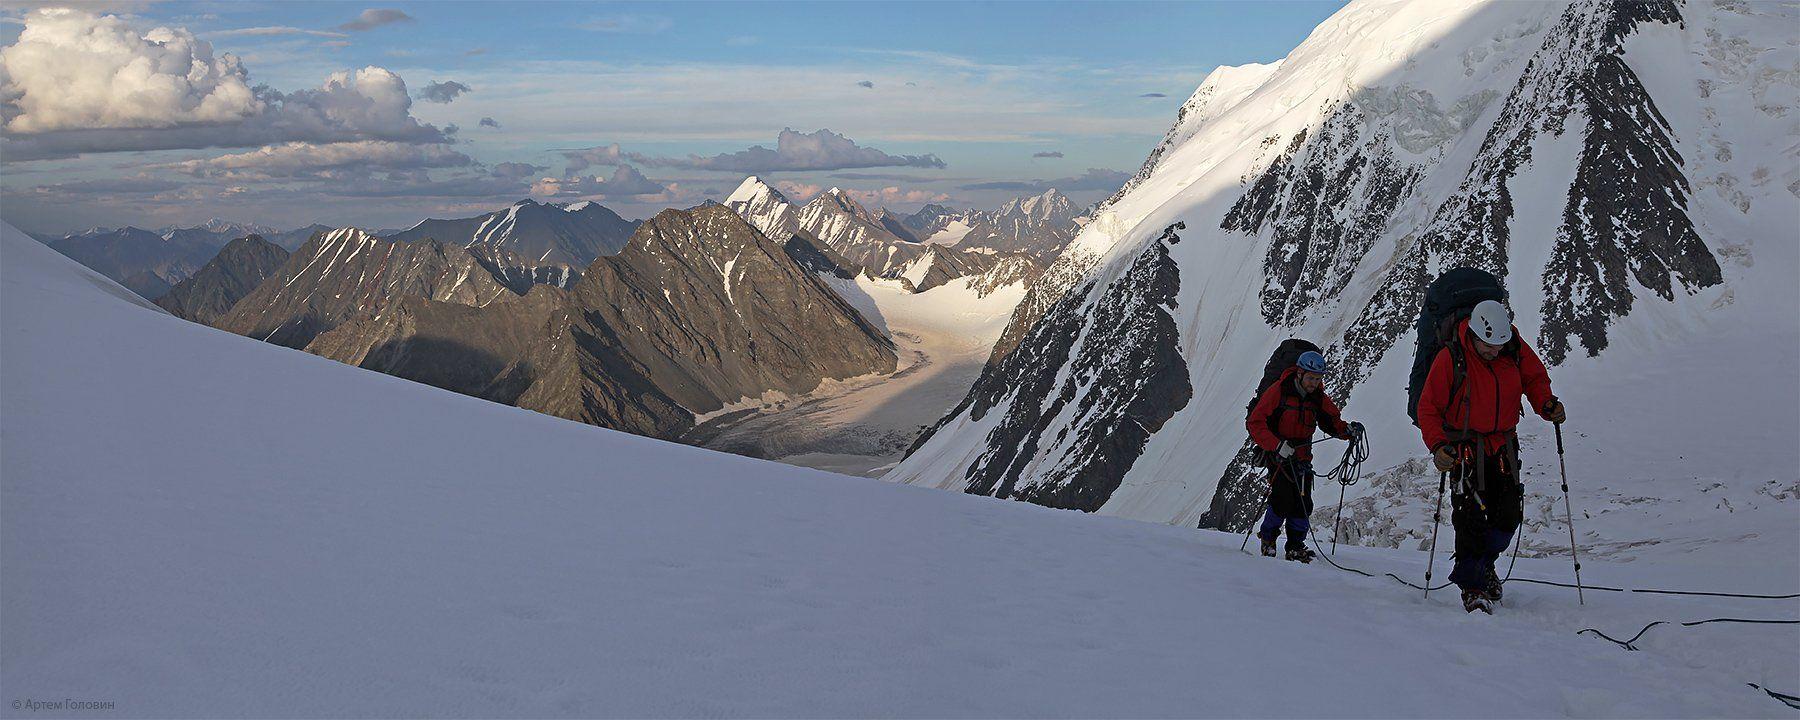 менсу, альпинисты, горы, алтай, Артем Головин